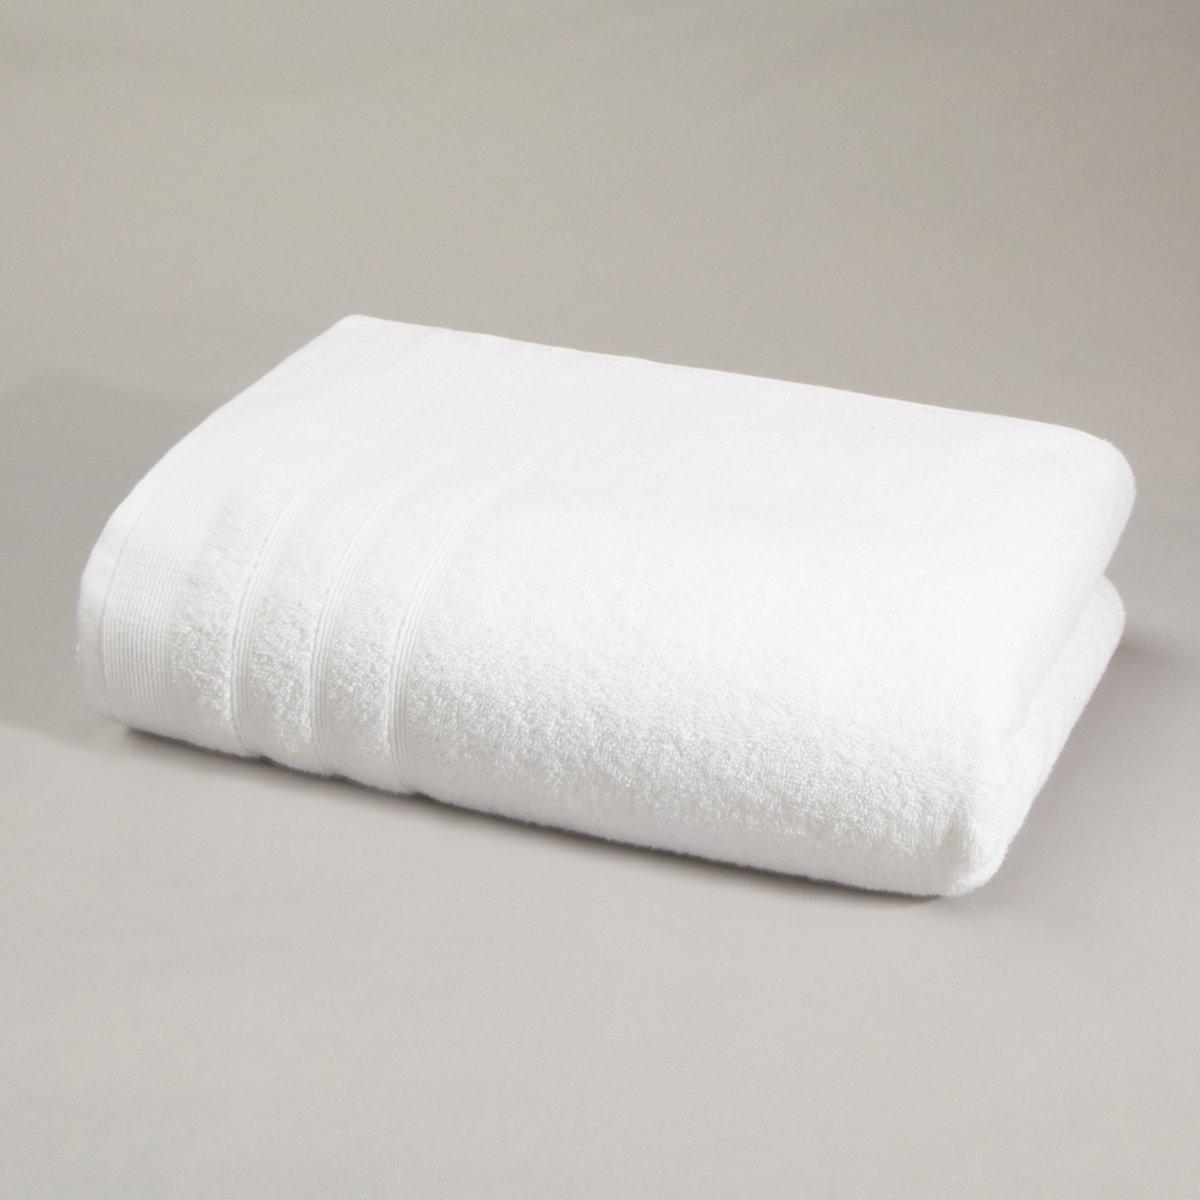 Полотенце банное 600 г/м?, Качество BestОписание большого  банного полотенца :Качество BEST.Махровая ткань 100 % хлопка. Машинная стирка при 60°.Размеры большого банного полотенца:100 x 150 см.<br><br>Цвет: бежевый,белый,гранатовый,зелено-синий,зеленый мох,розовая пудра,светло-серый,светло-синий,Серо-синий,синий морской,темно-серый,фиолетовый,шафран<br>Размер: 100 x 150 cm.100 x 150 cm